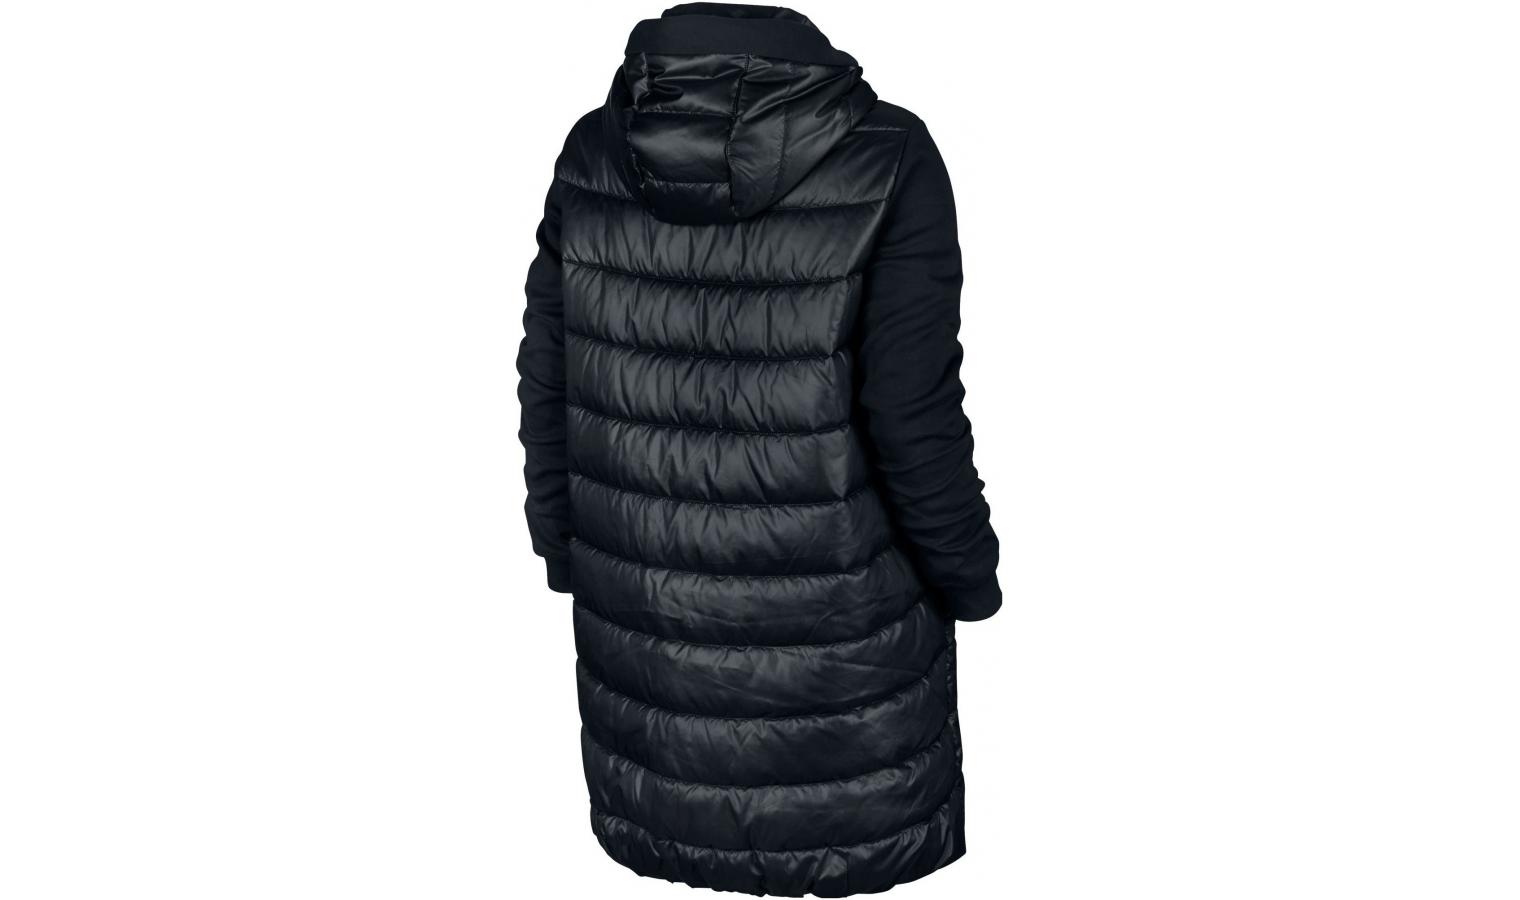 dfbb4aabd9 Zimní dámský kabát Nike SPORTSWEAR ADVANCE 15 PARKA černý | AD Sport.cz